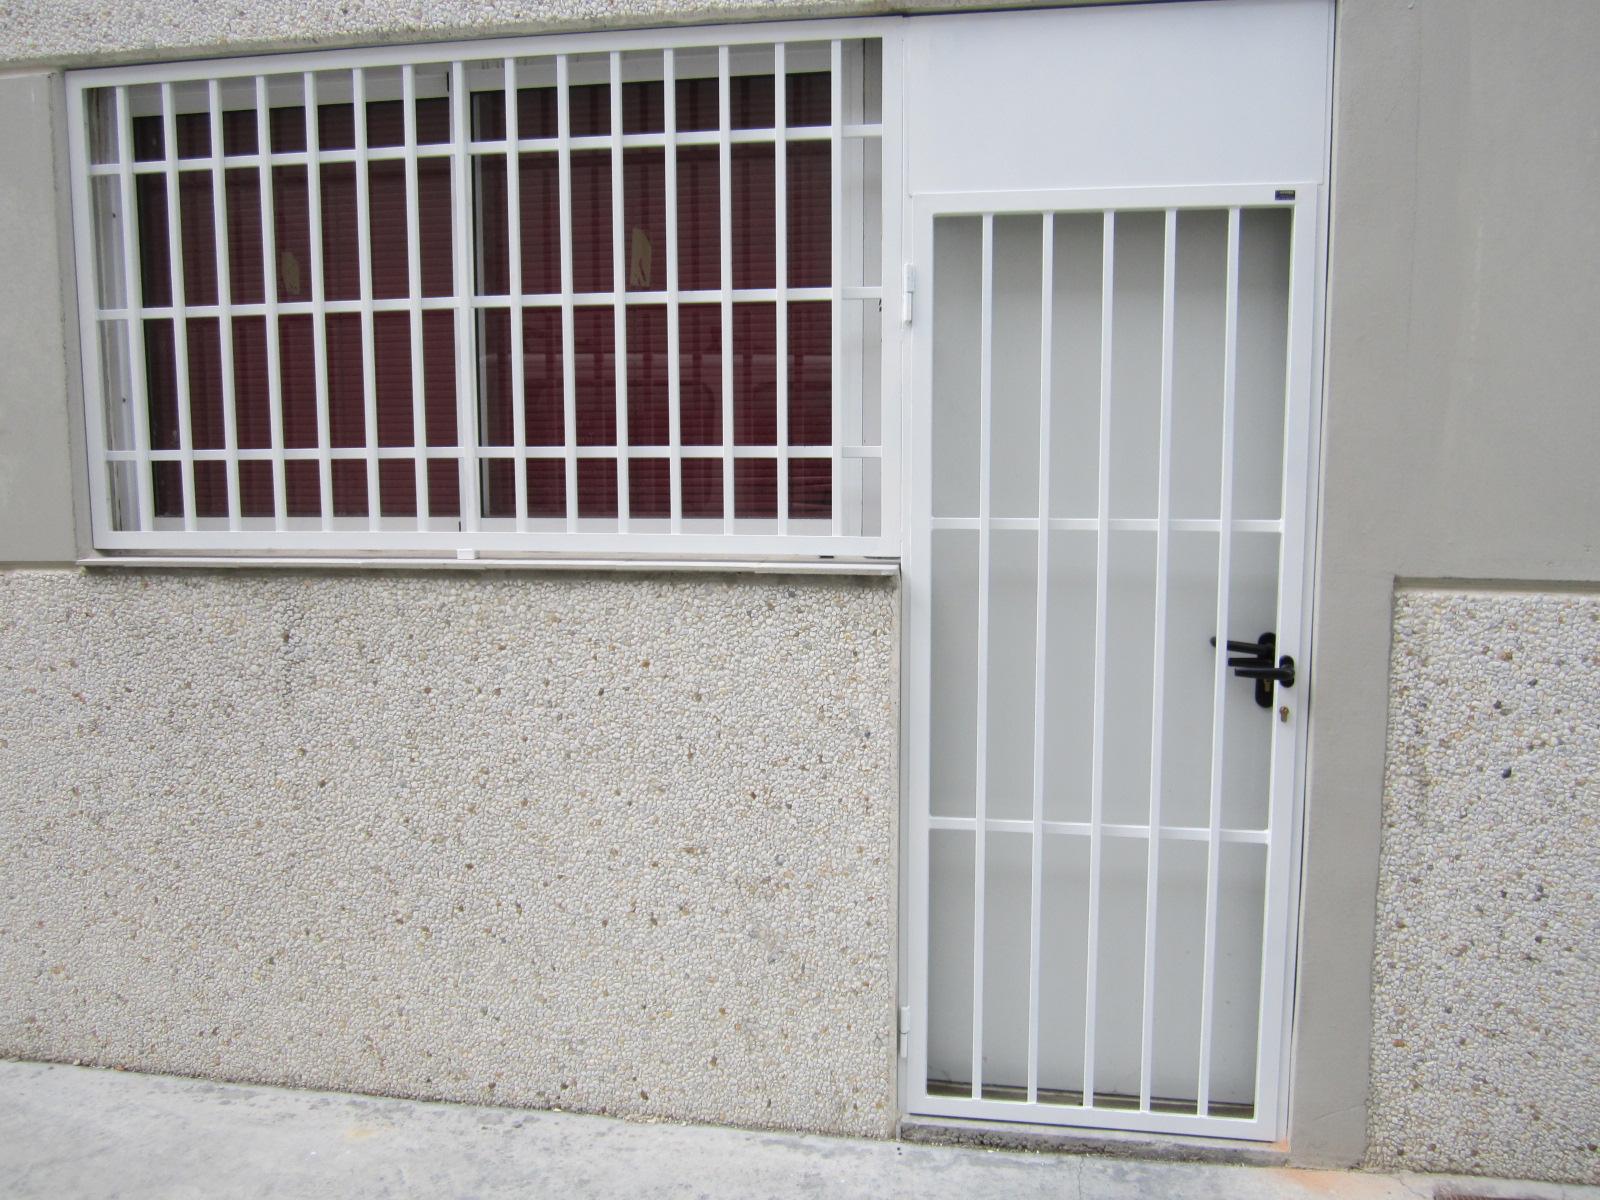 verja y puerta metalica de seguridad para nave industrial